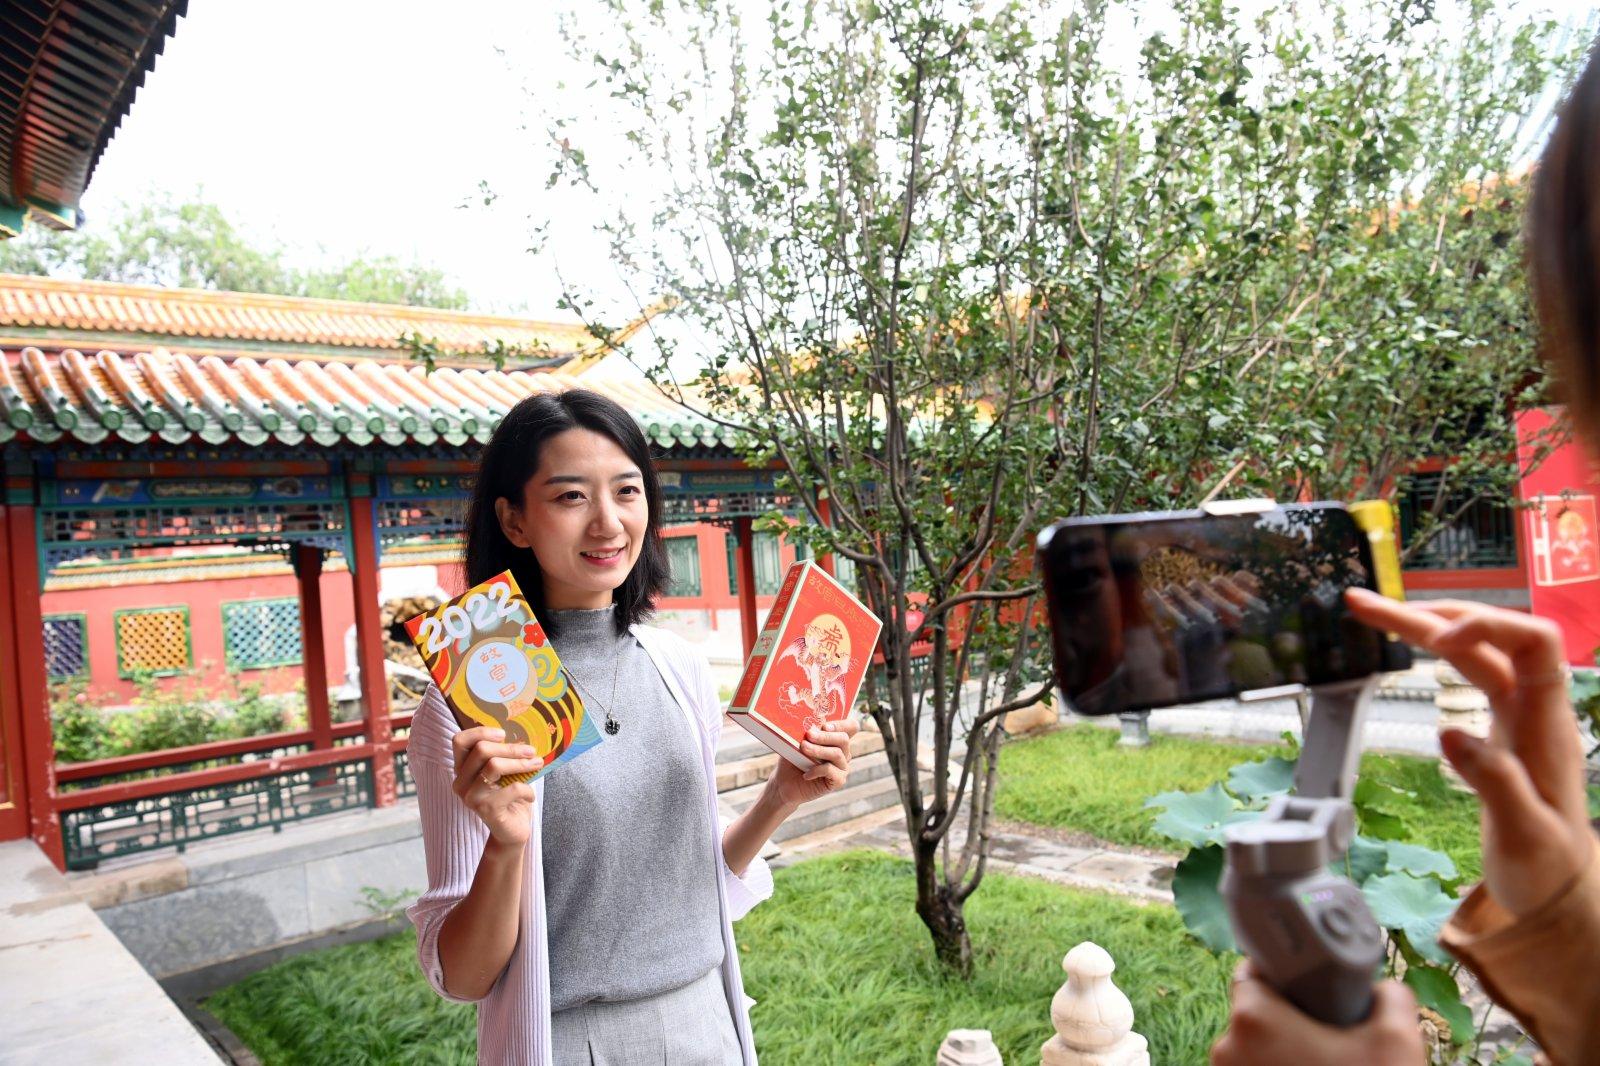 9月6日,一名記者在鏡頭前展示2022年《故宮日曆》。